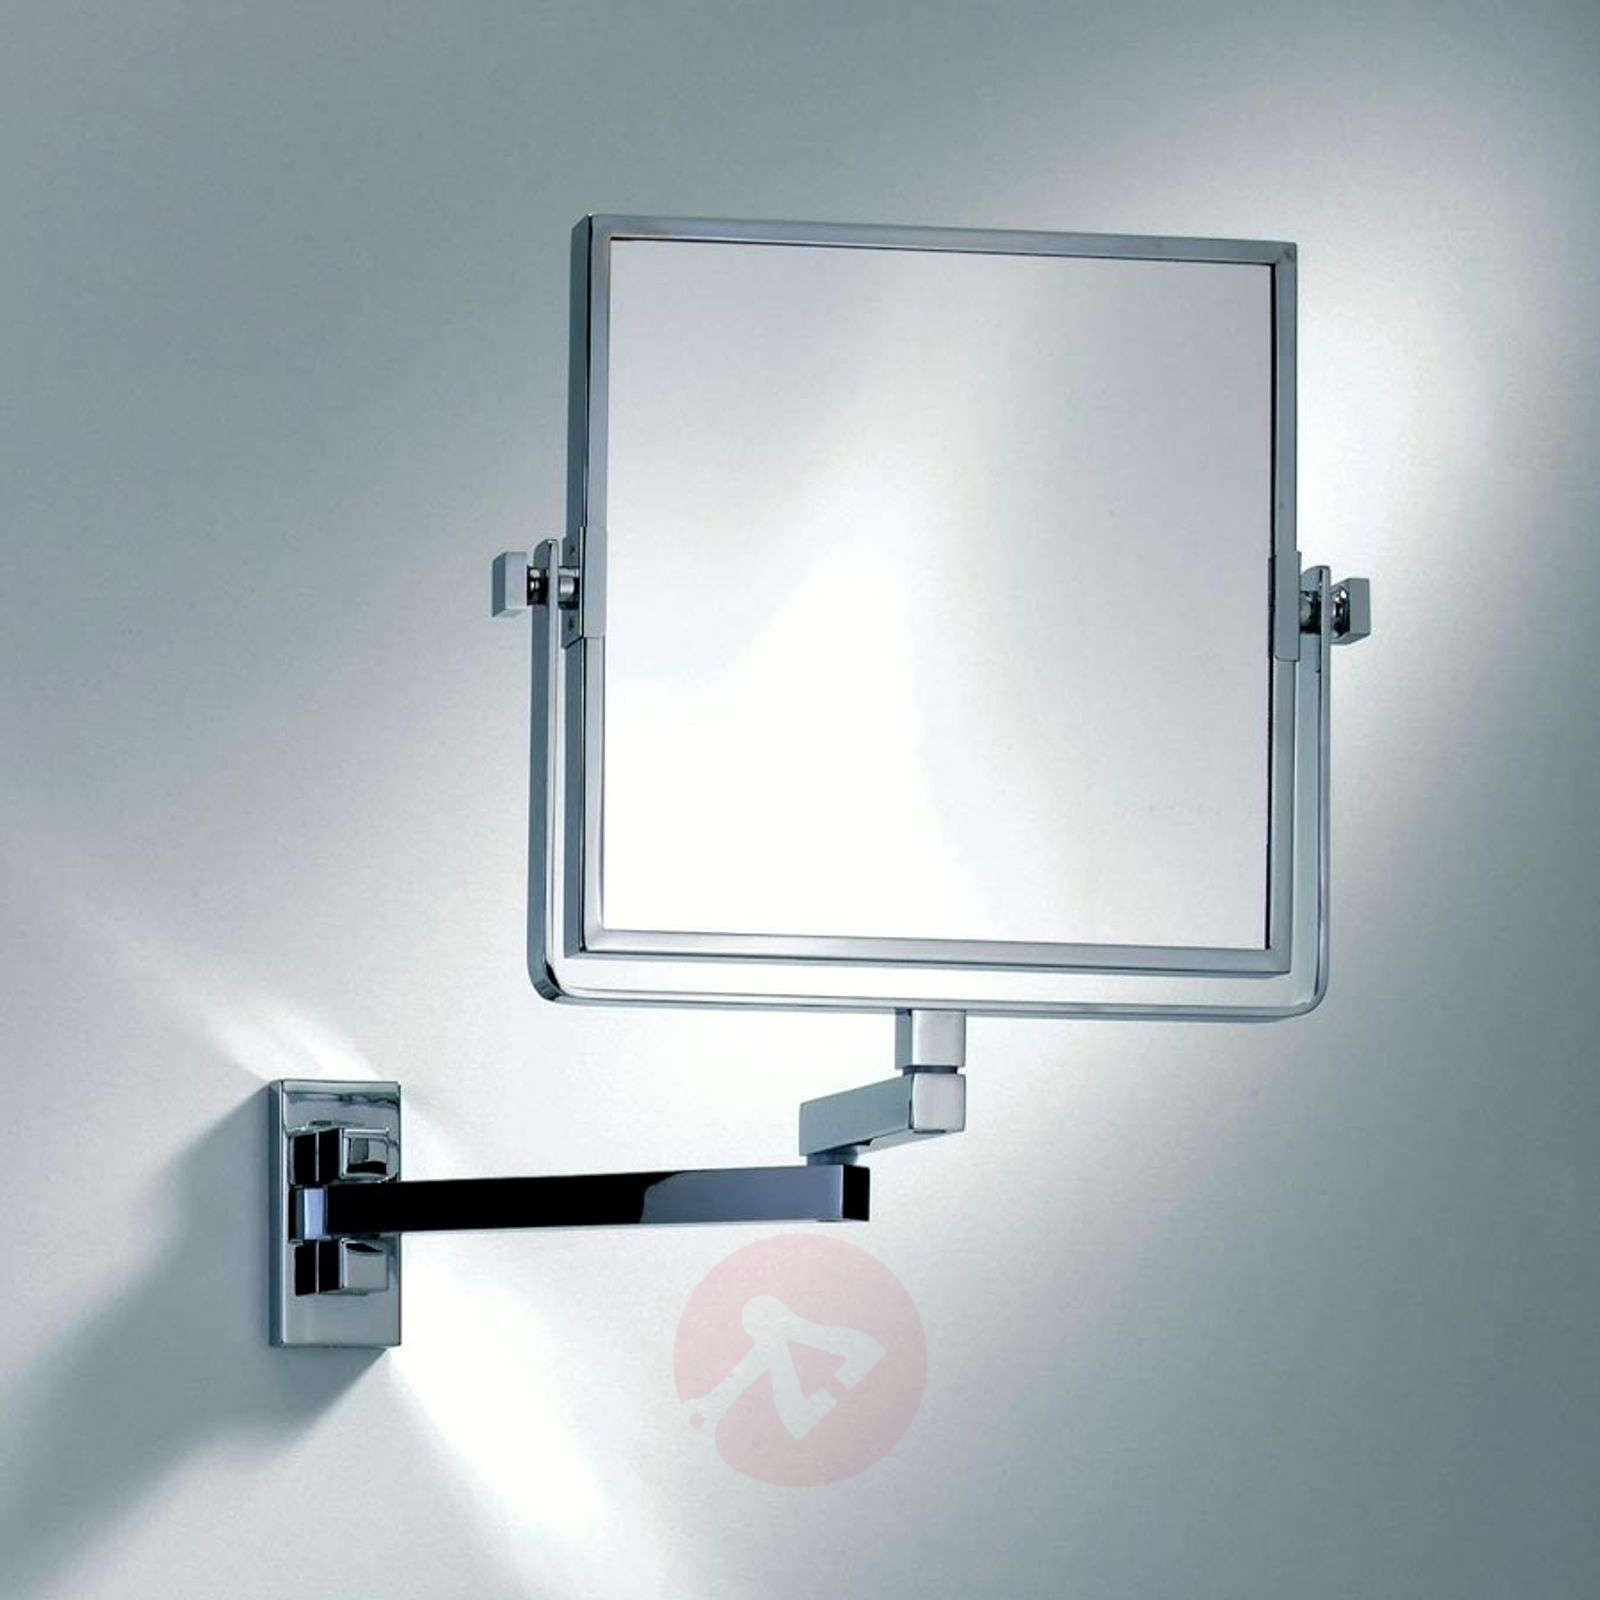 EDGE modern cosmetic wall mirror-2504208-01